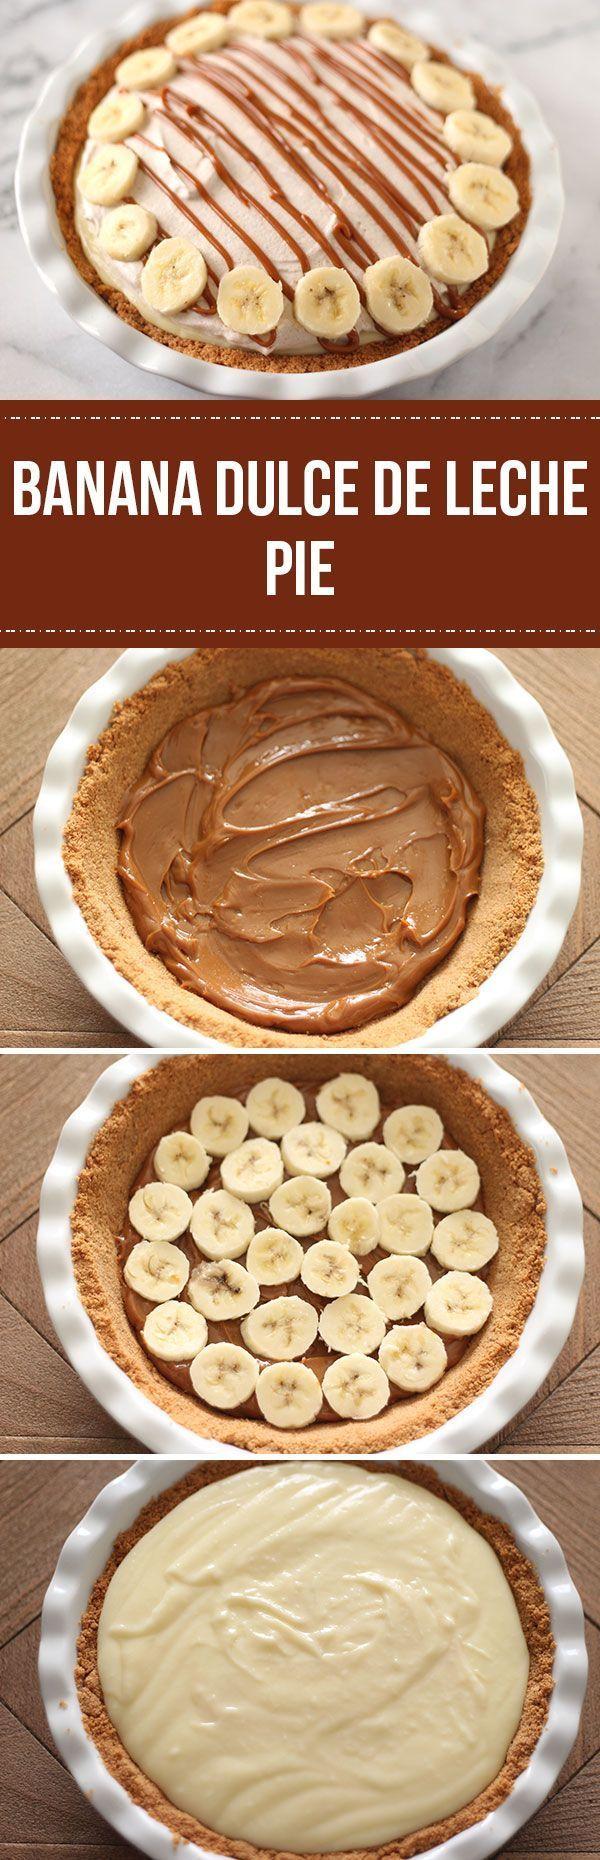 Tarta de banana, dulce de leche, pastelera y crema batida con canela y azúcar.